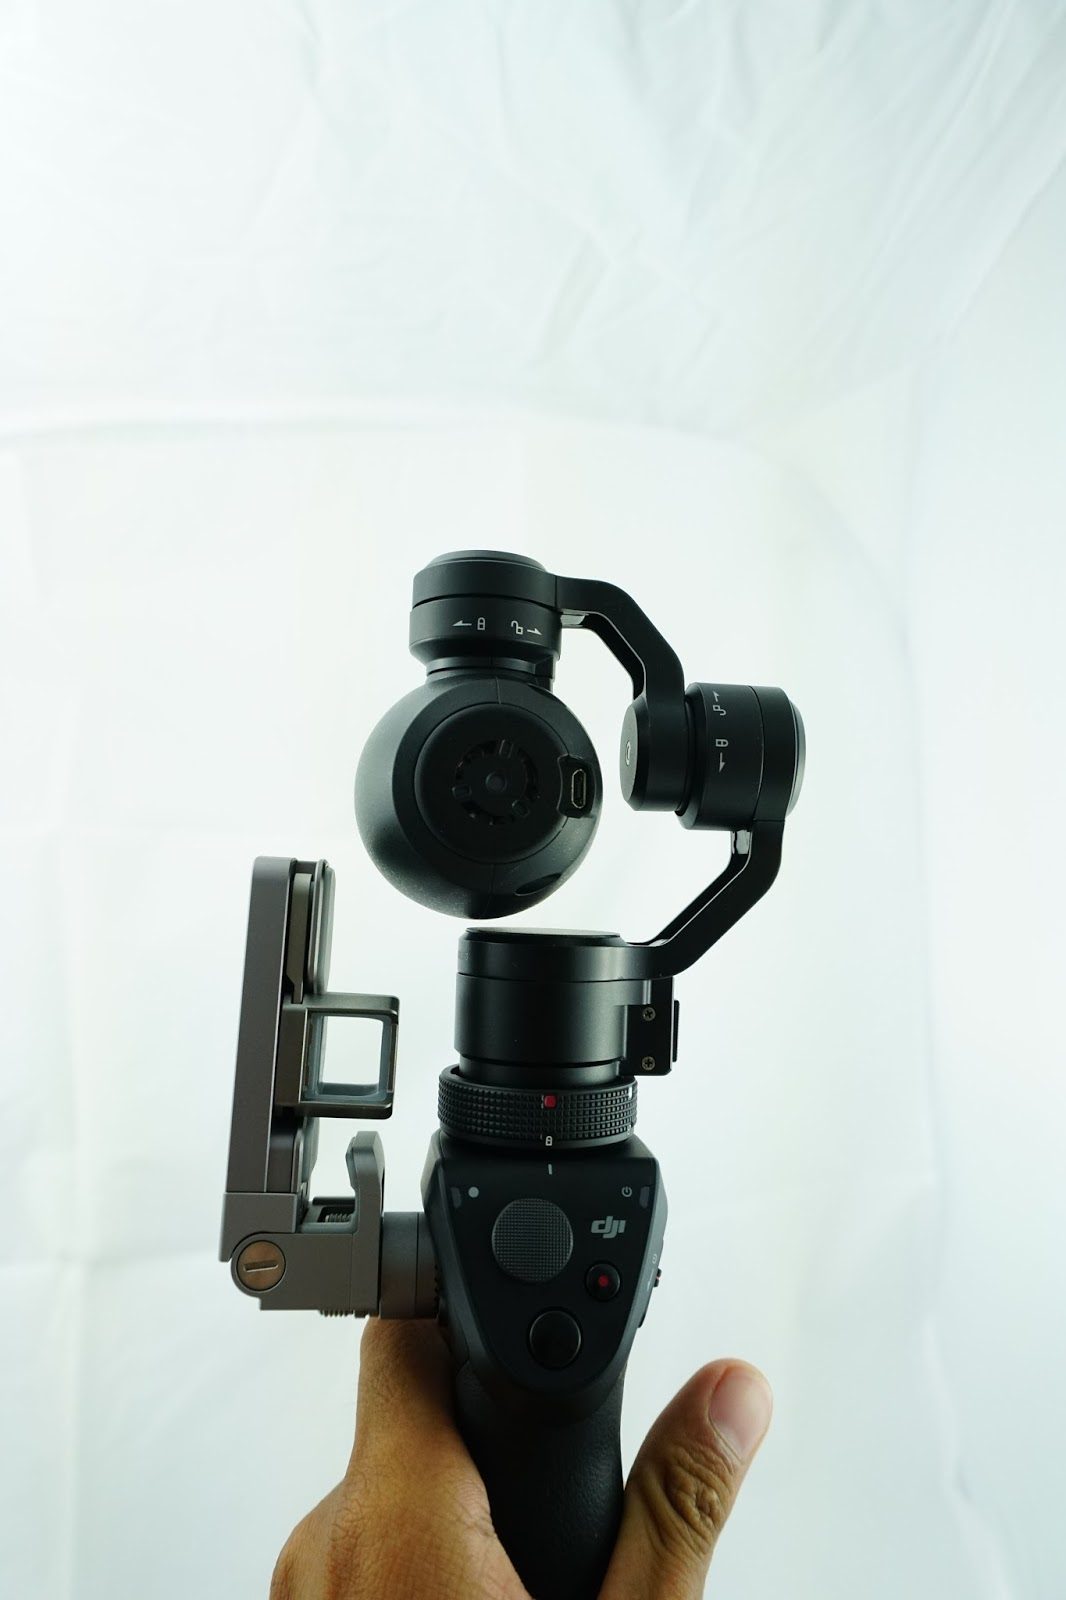 Cần mở khóa các chốt trước khi bật DJI Osmo Camera này lên